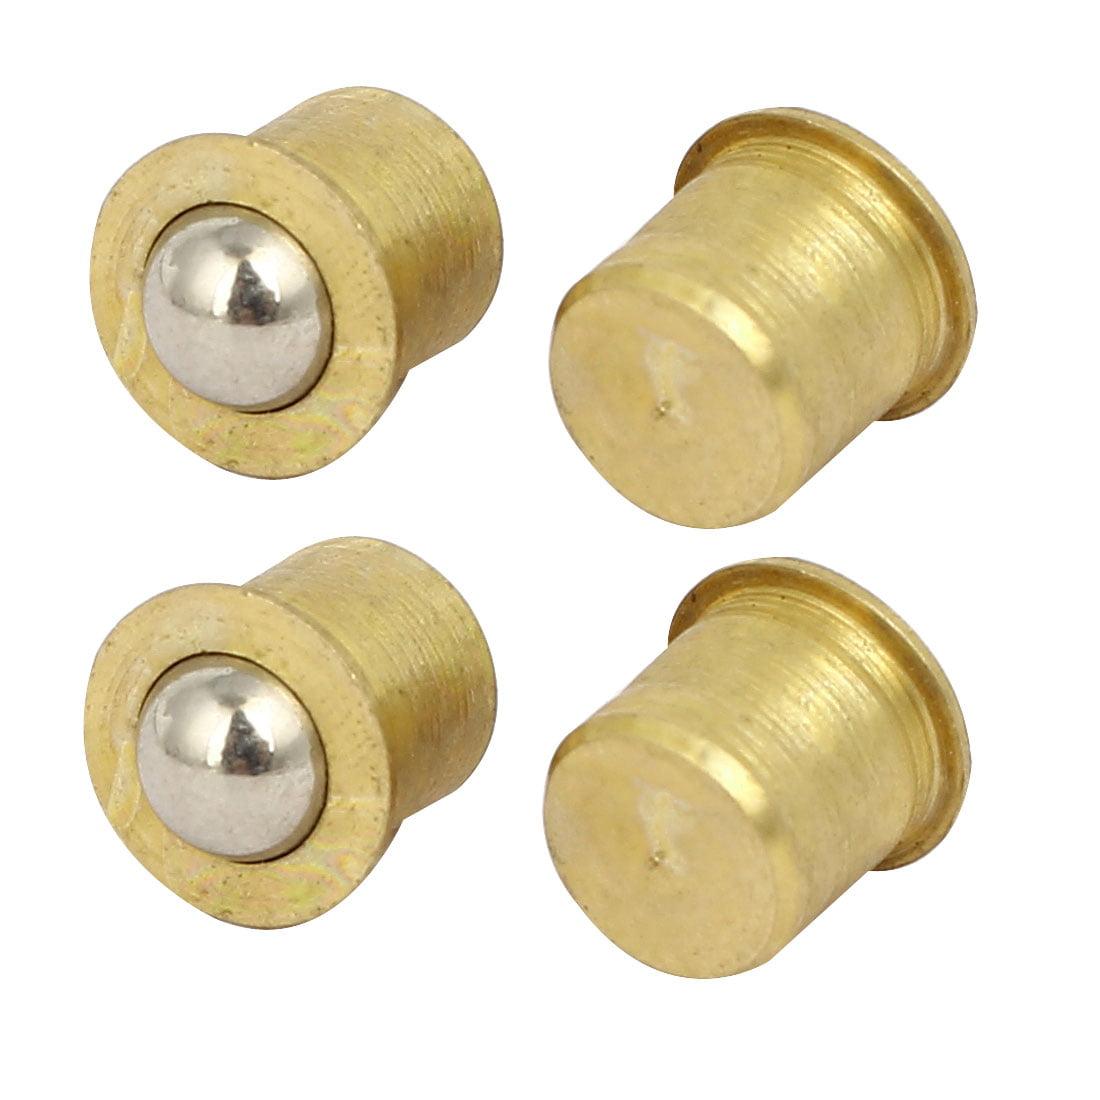 Door Cabinet Closet Brass Cylinder Shape Ball Catch Latches Catchers 8mm 4pcs